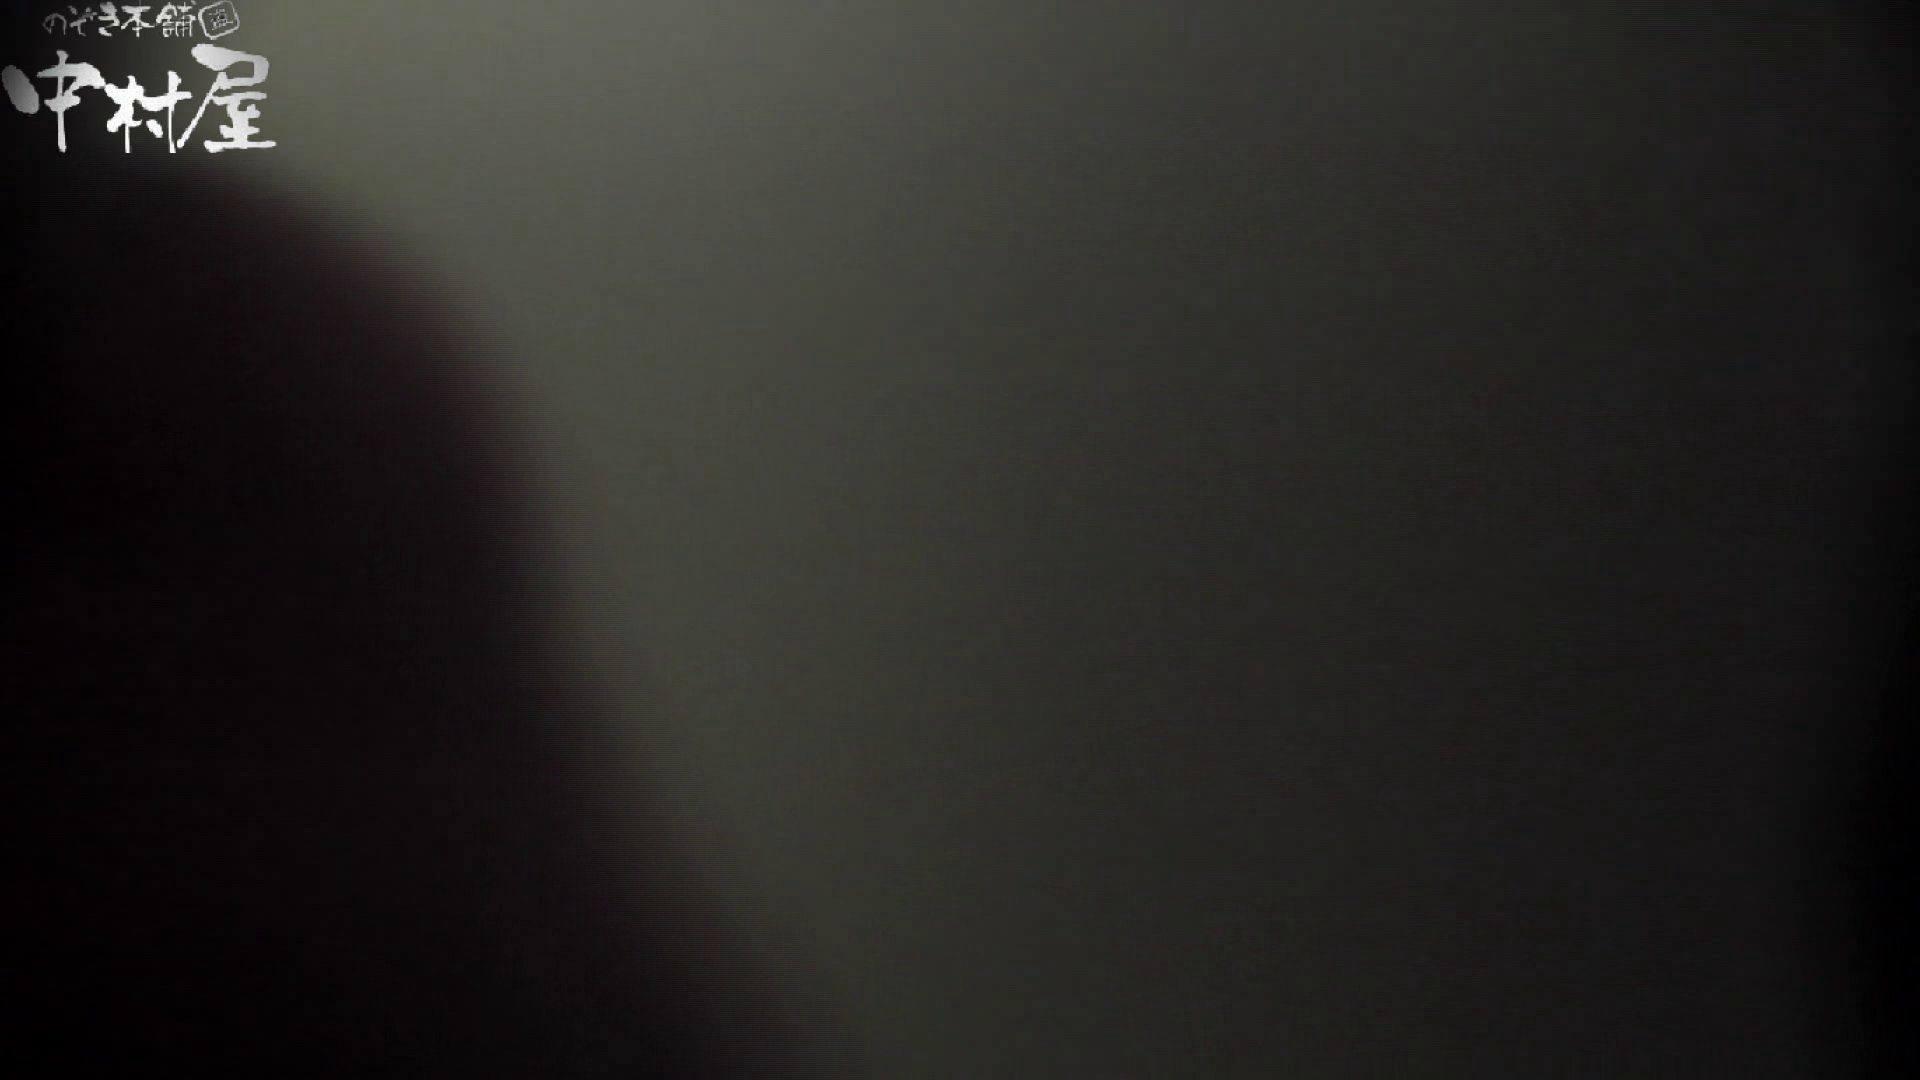 世界の射窓から vol.45 尻出しスマホ 後編 洗面所 | OLのエロ生活  50連発 25